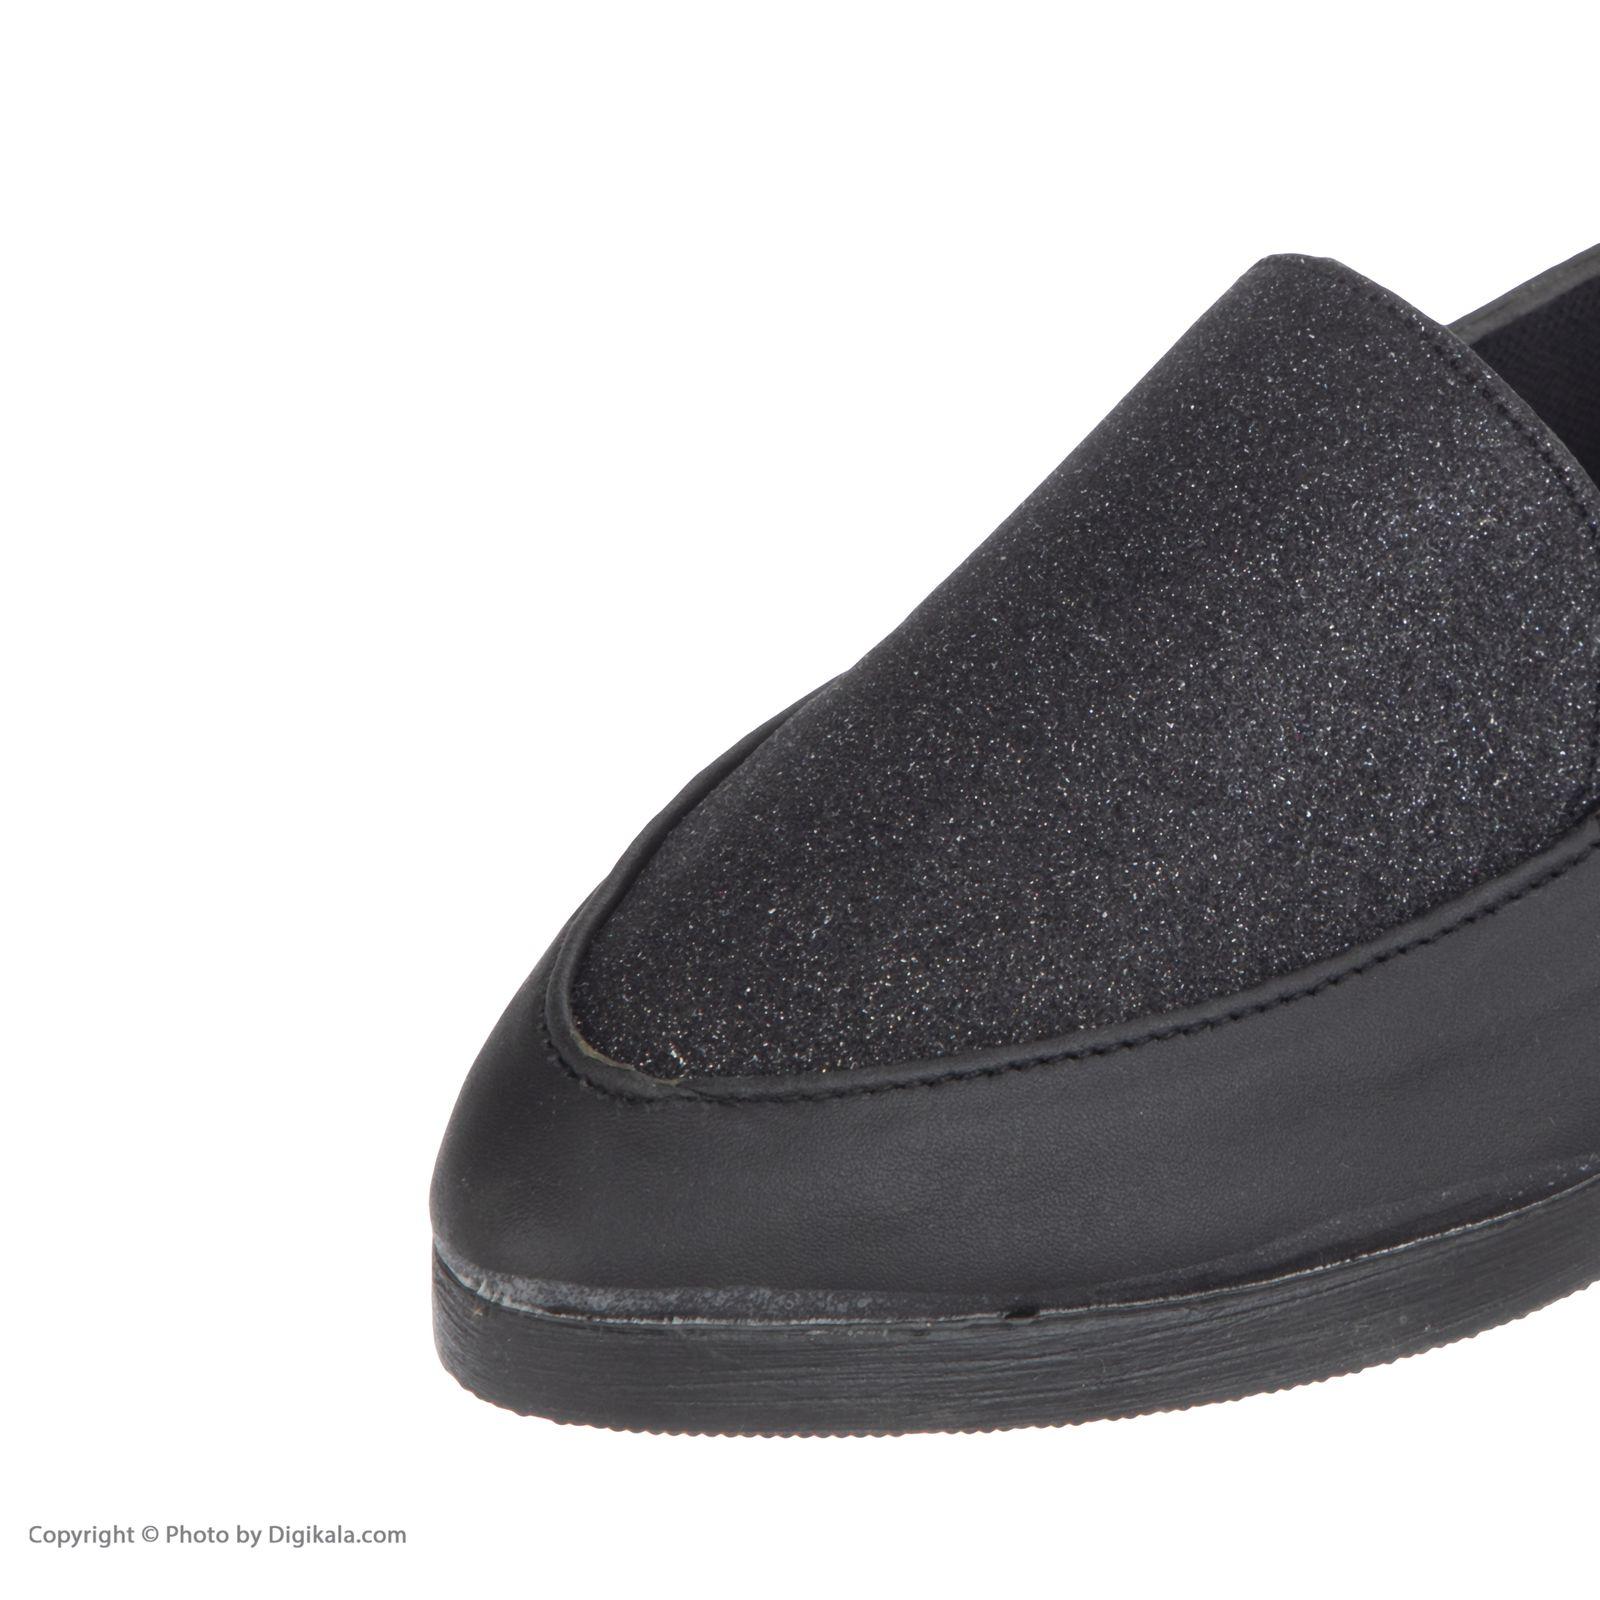 کفش زنانه لبتو مدل 501099 -  - 6